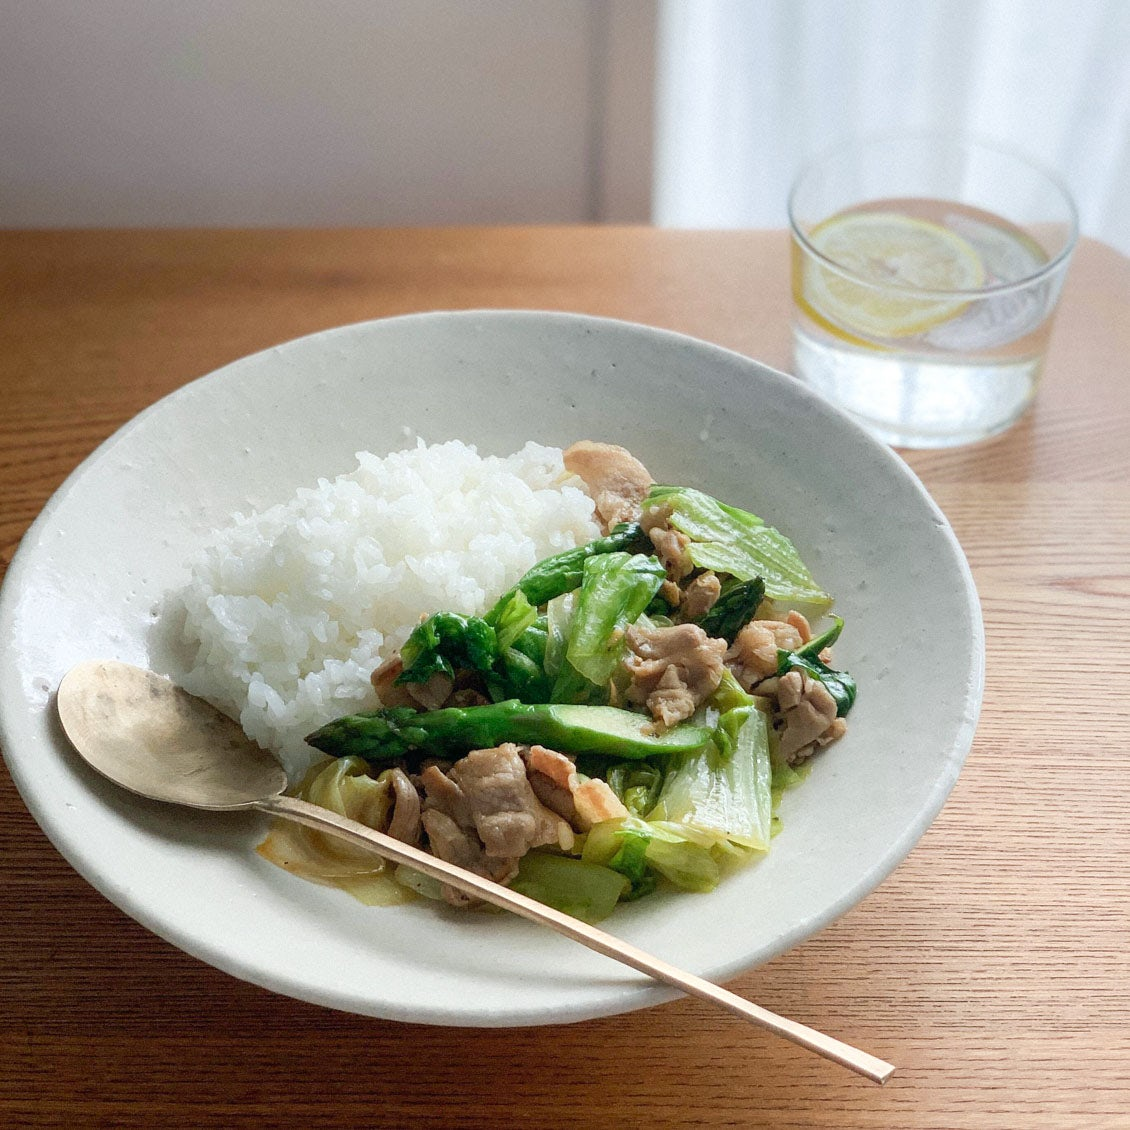 【料理を好きでいたいから】前編:悩むのを、できるだけやめるために。一生使える「炒め物の方程式」編